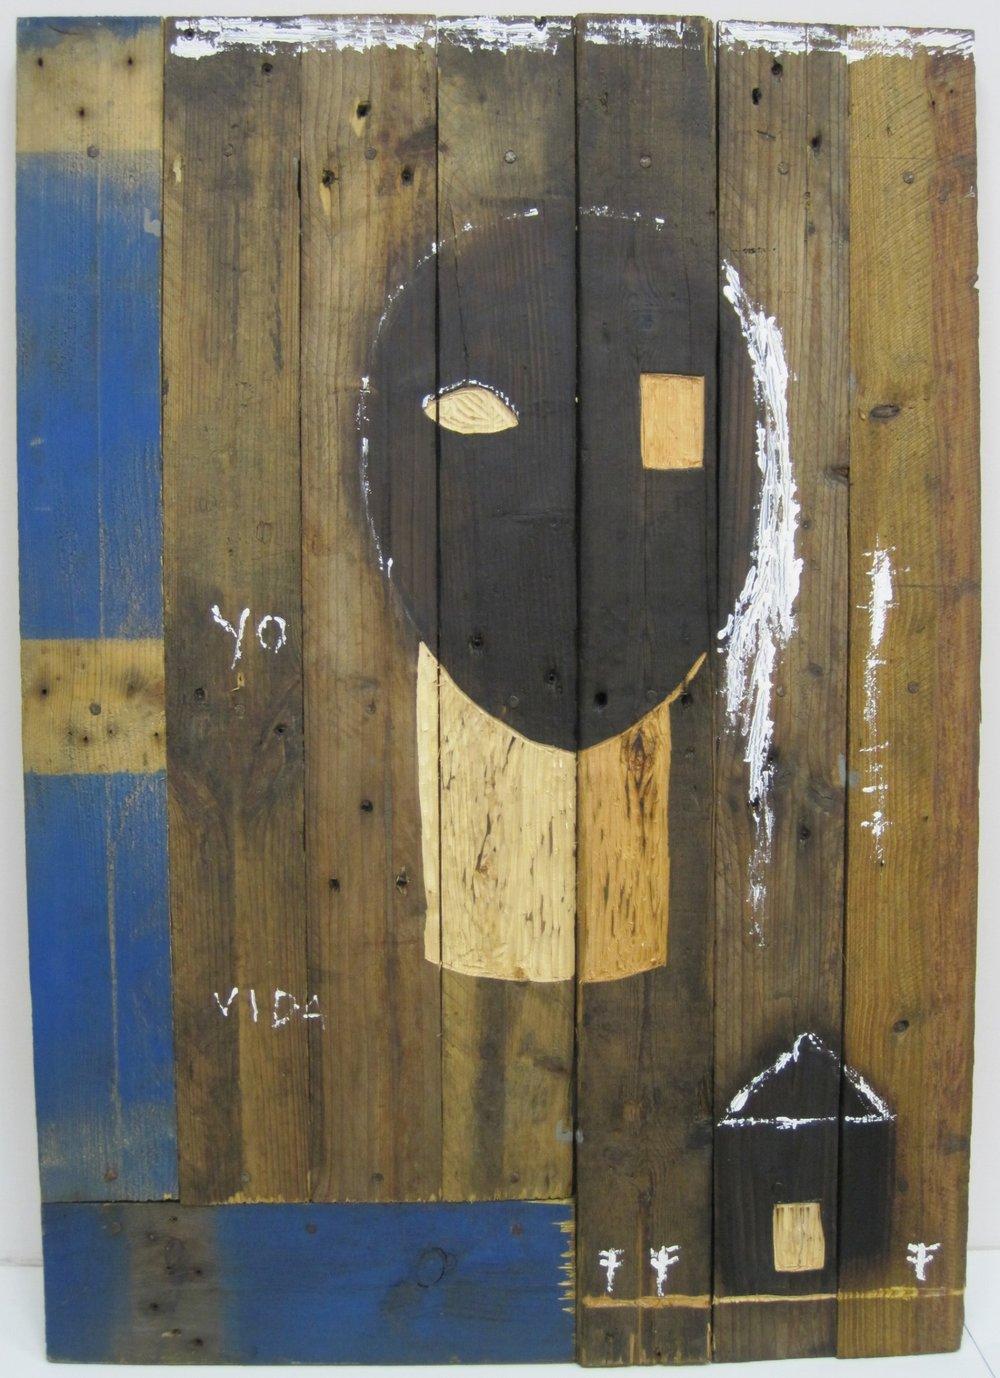 Mi Casa y Yo 2009, Mixed media on wood 39 x 27 inches